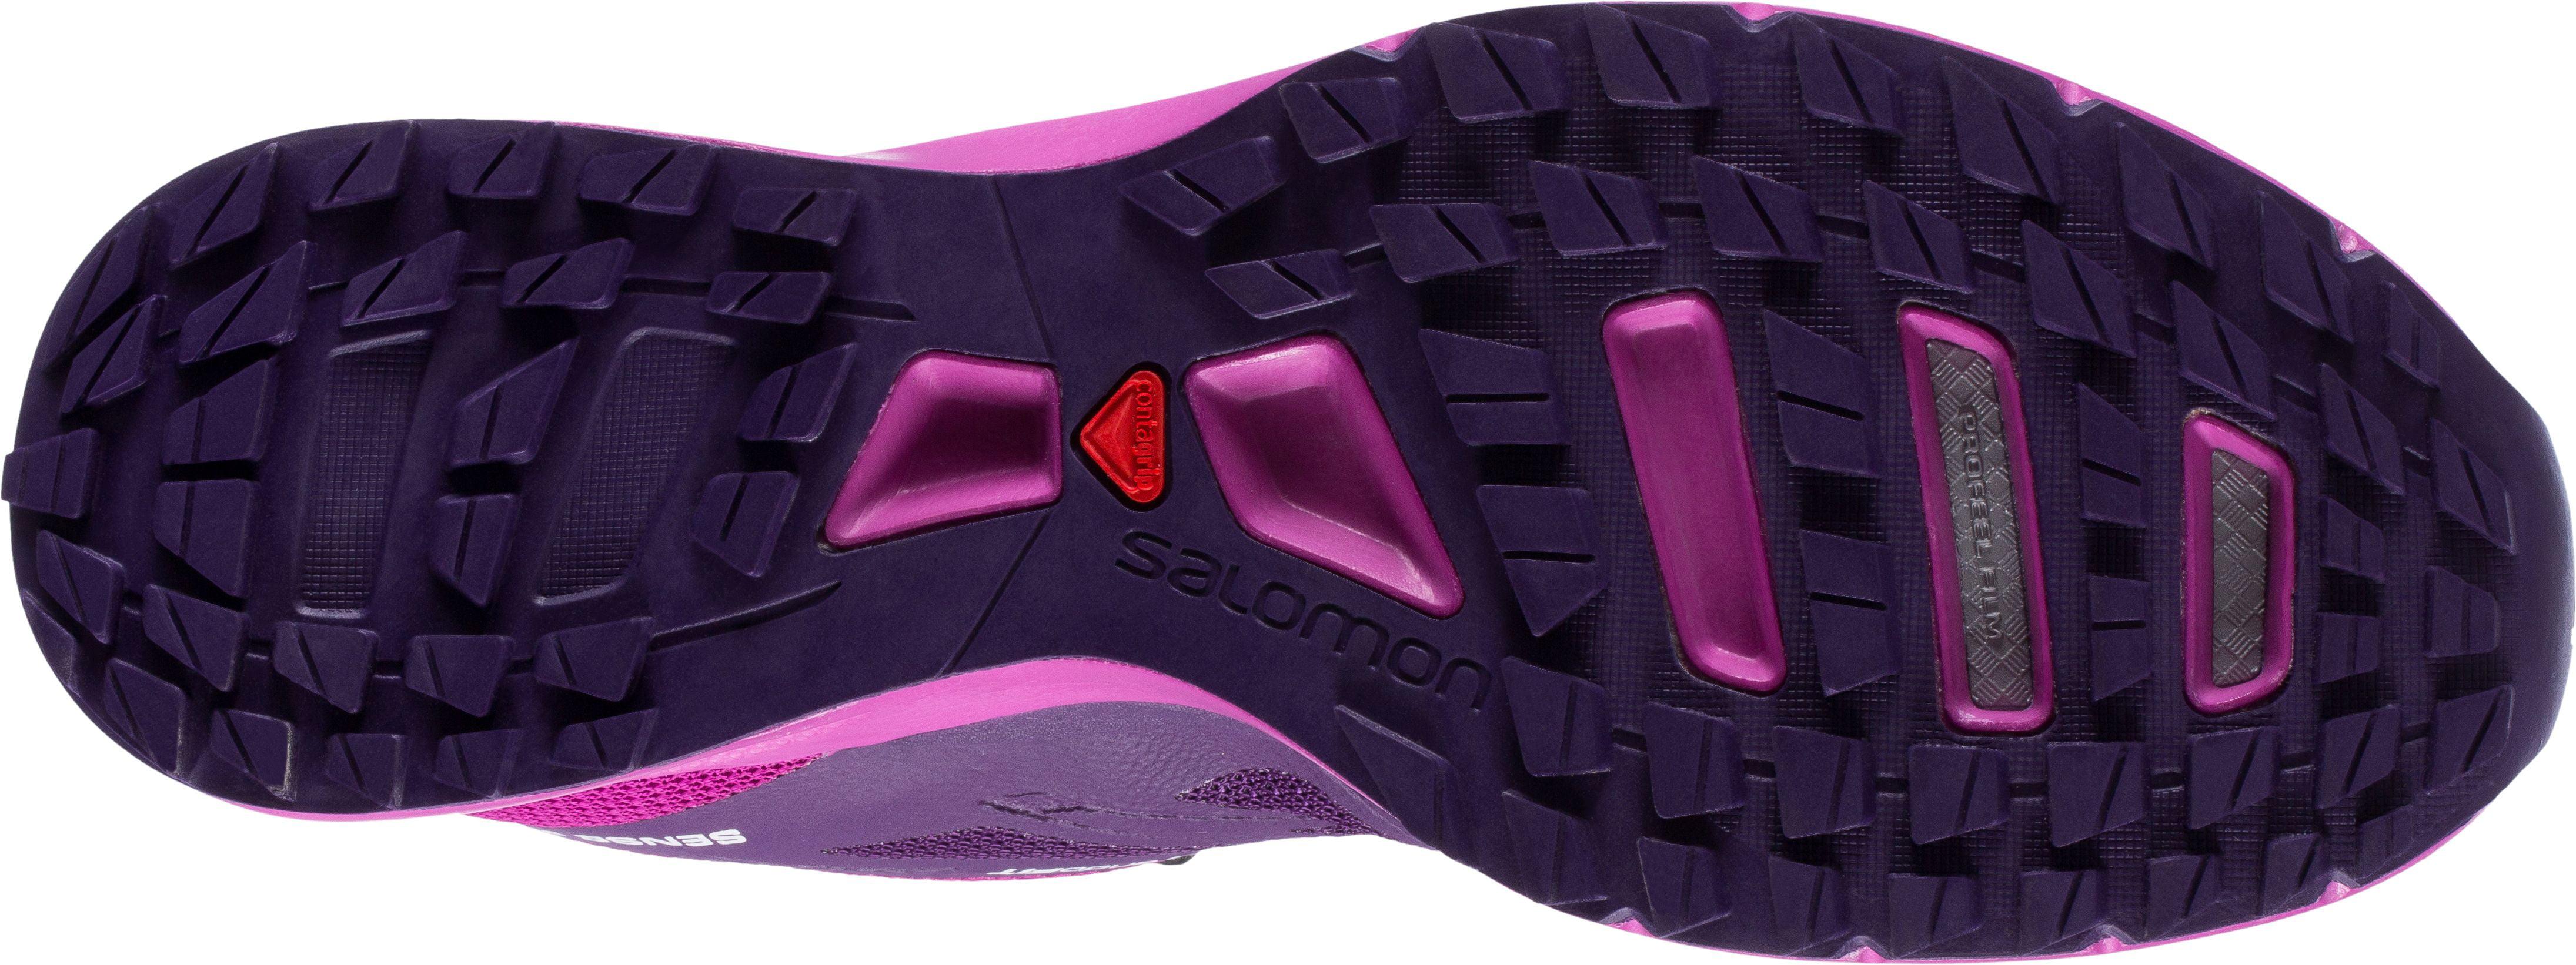 Salomon Women Shoes Sense Pro 2 W Shoes Women aa6b06